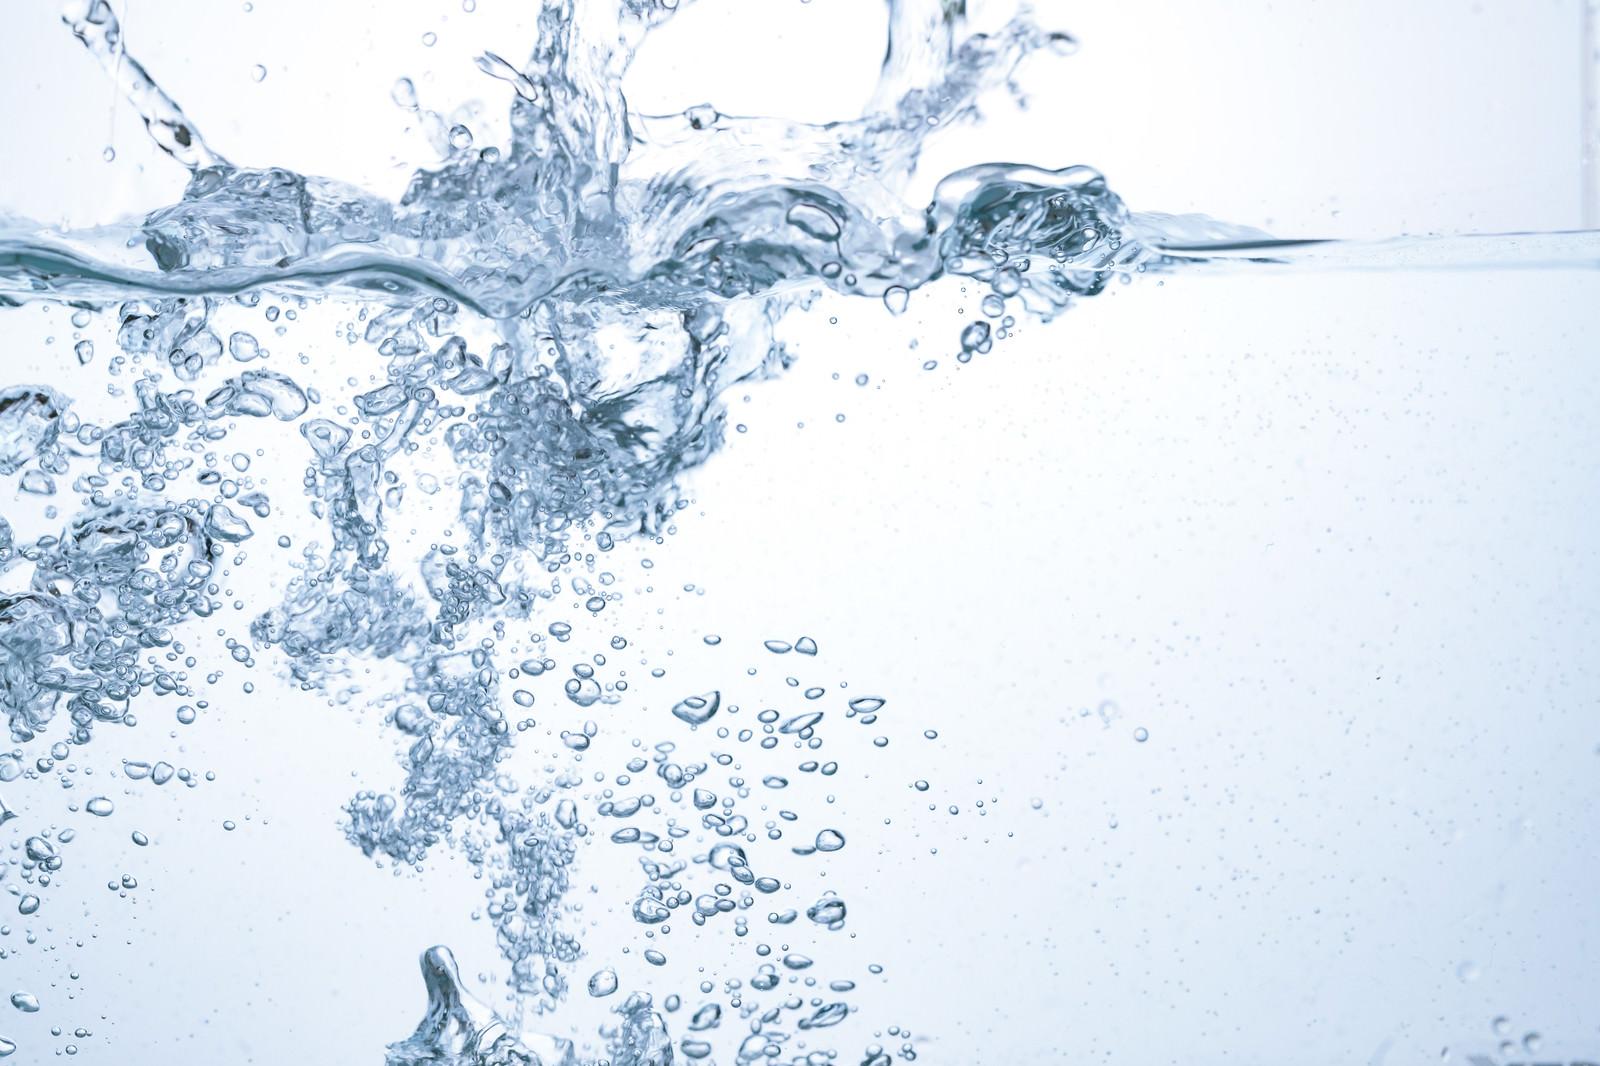 「力強く注ぐ水と気泡」の写真